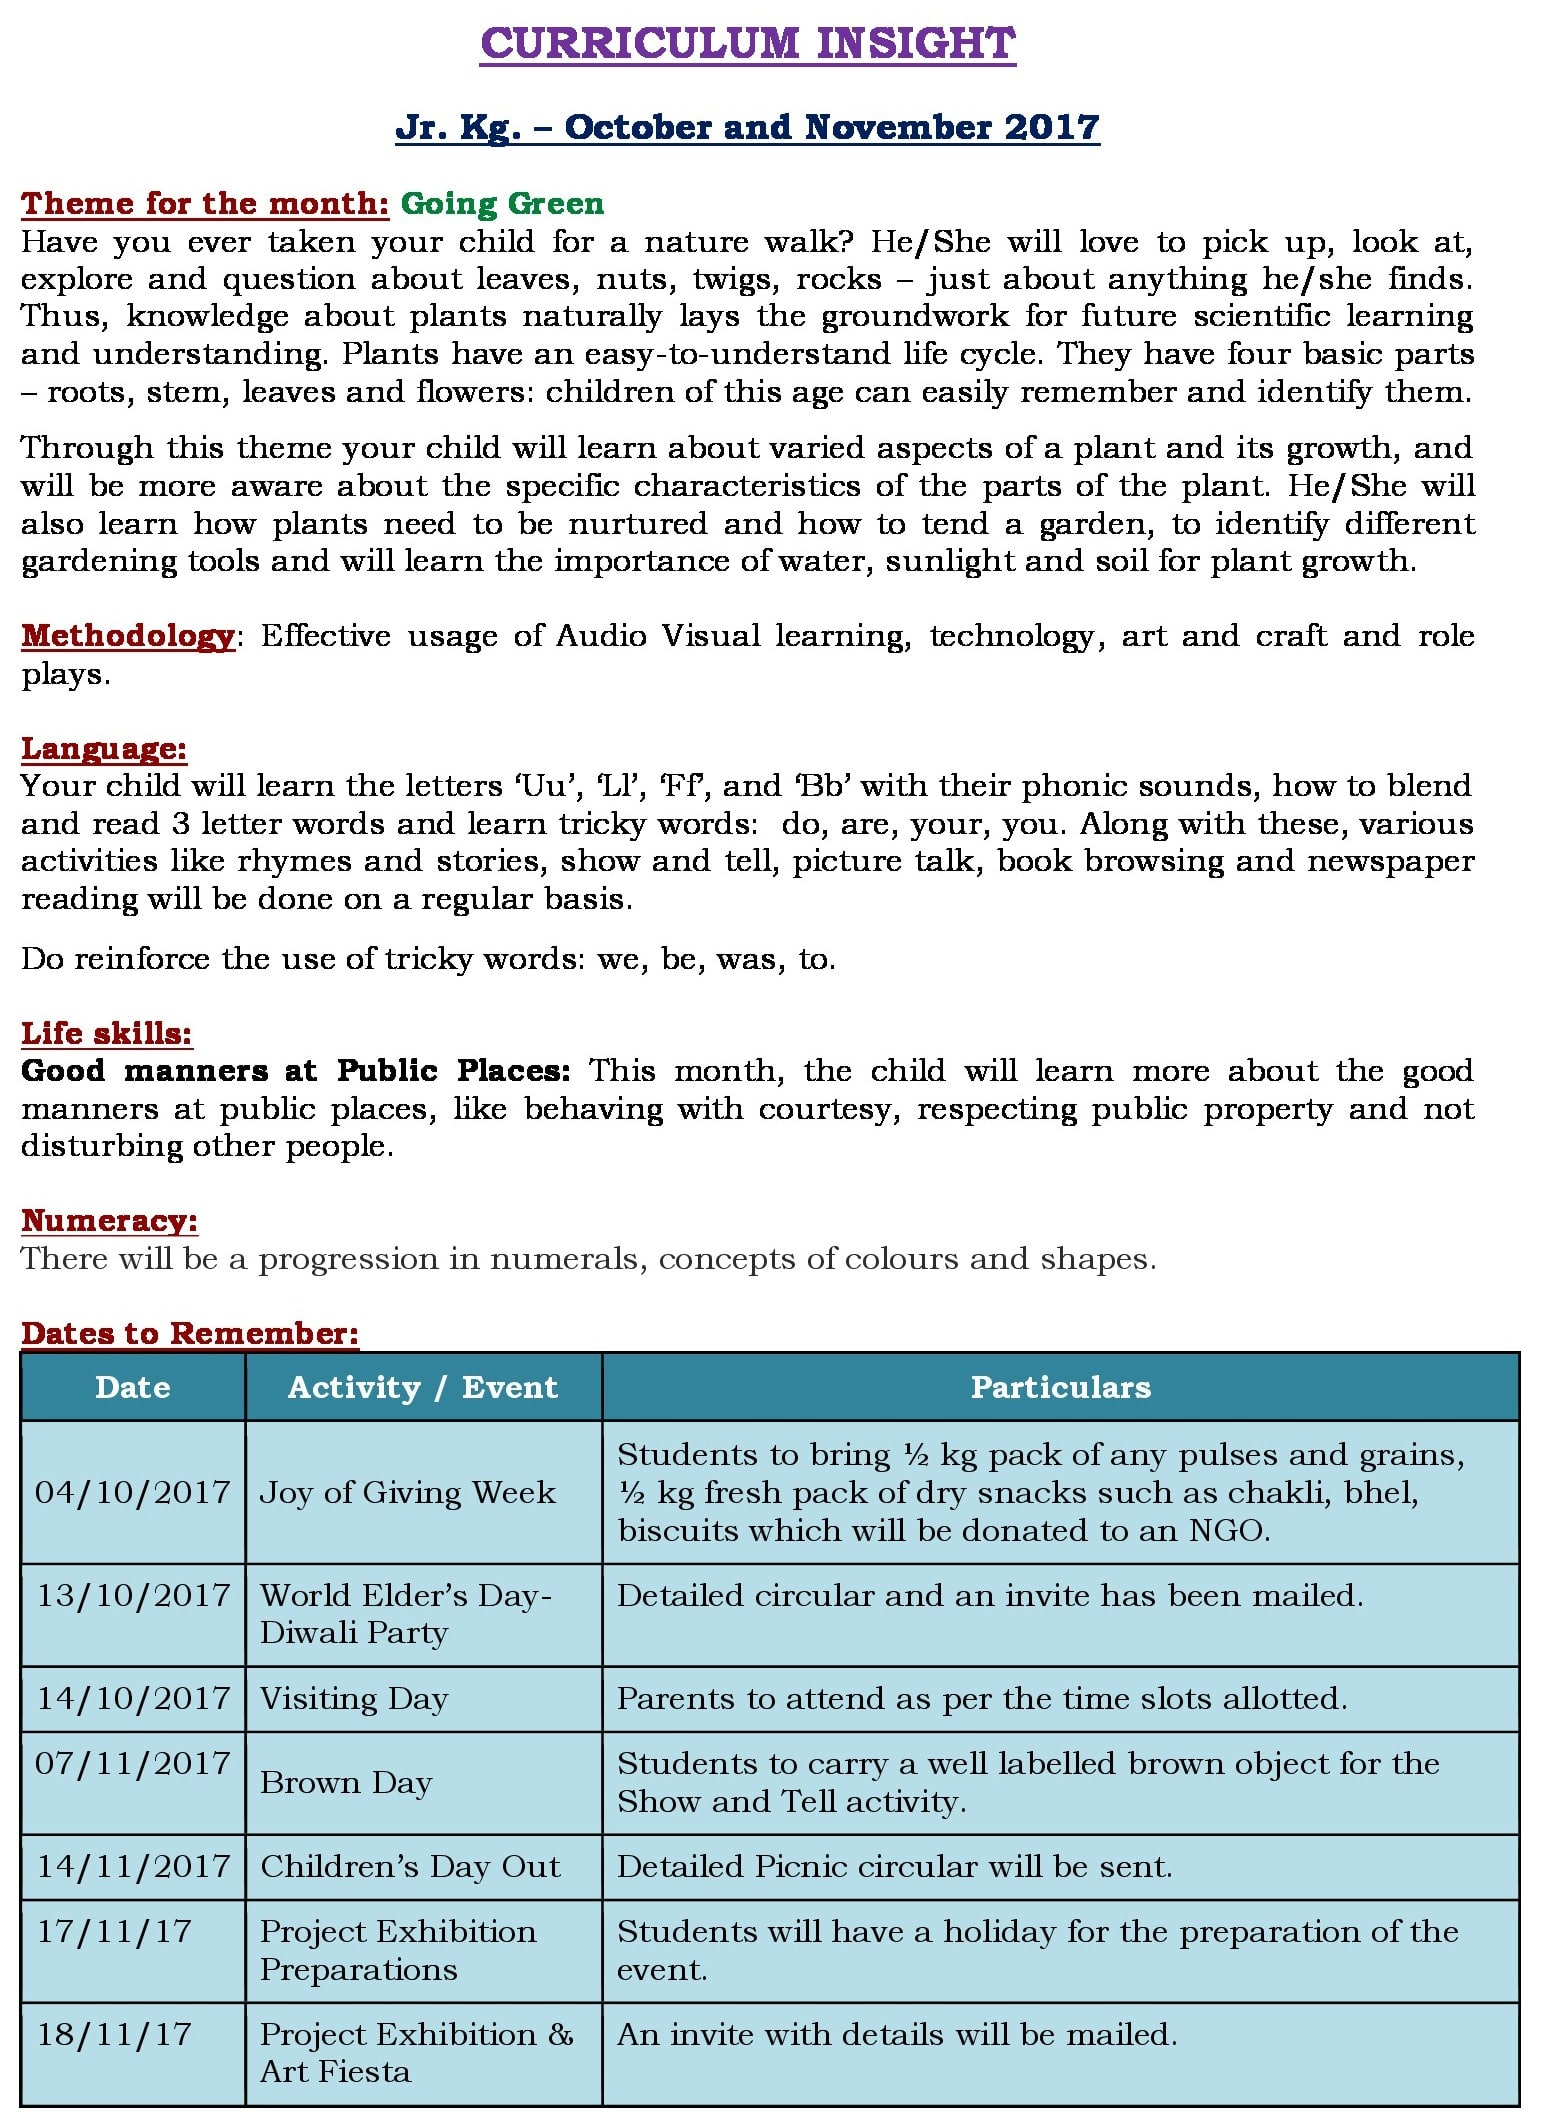 Oct- Nov Curriculum Insight